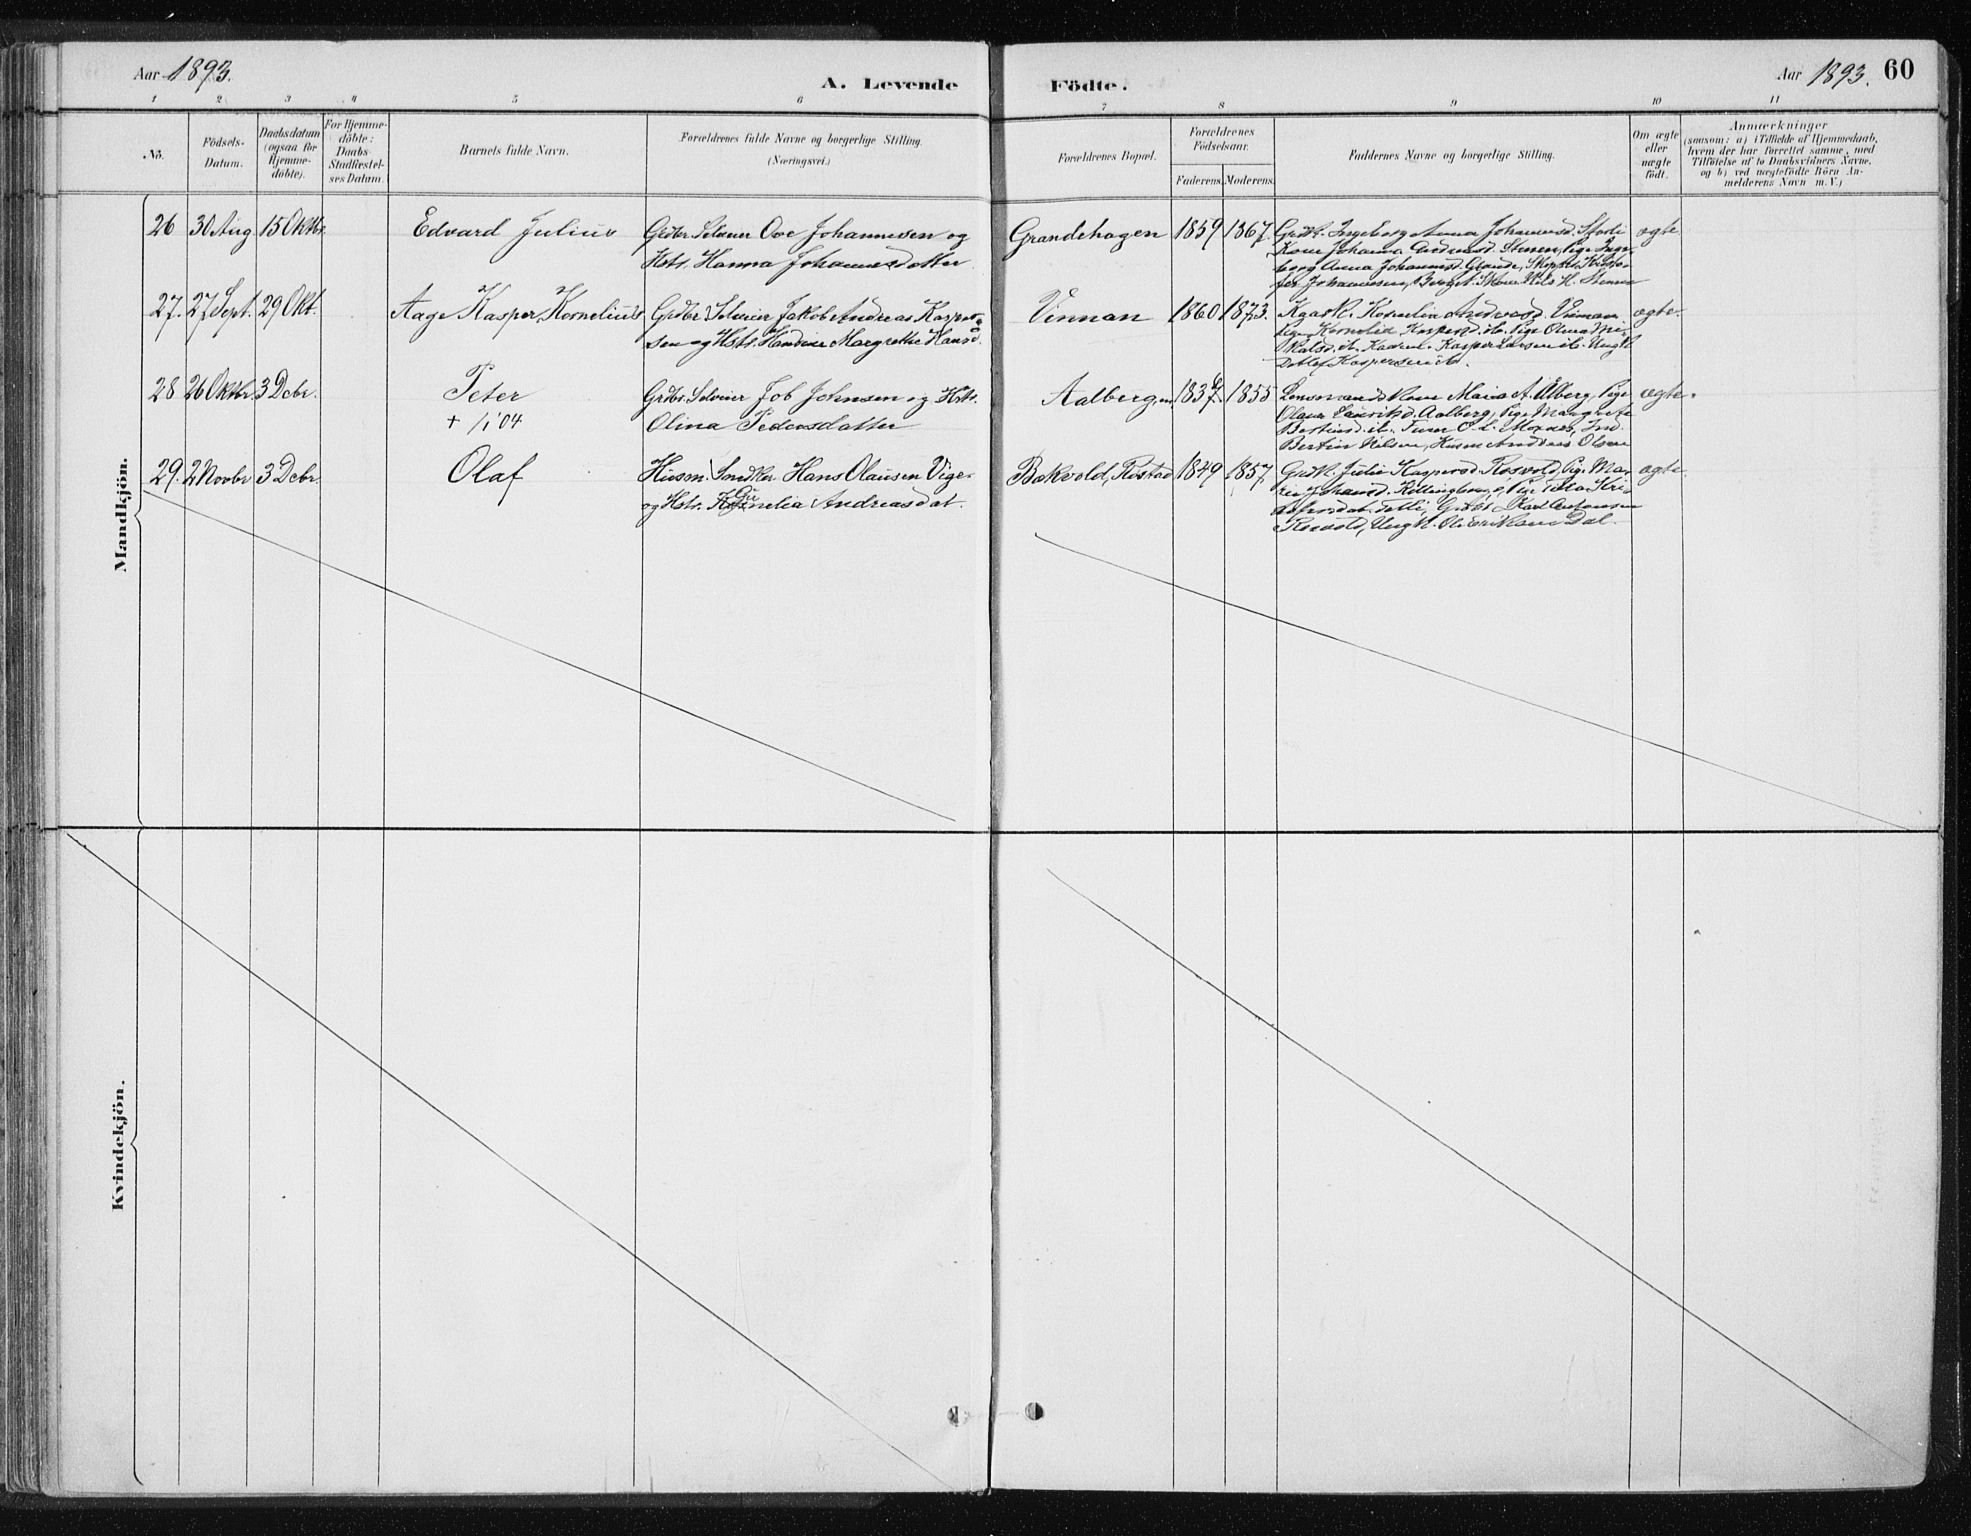 SAT, Ministerialprotokoller, klokkerbøker og fødselsregistre - Nord-Trøndelag, 701/L0010: Parish register (official) no. 701A10, 1883-1899, p. 60